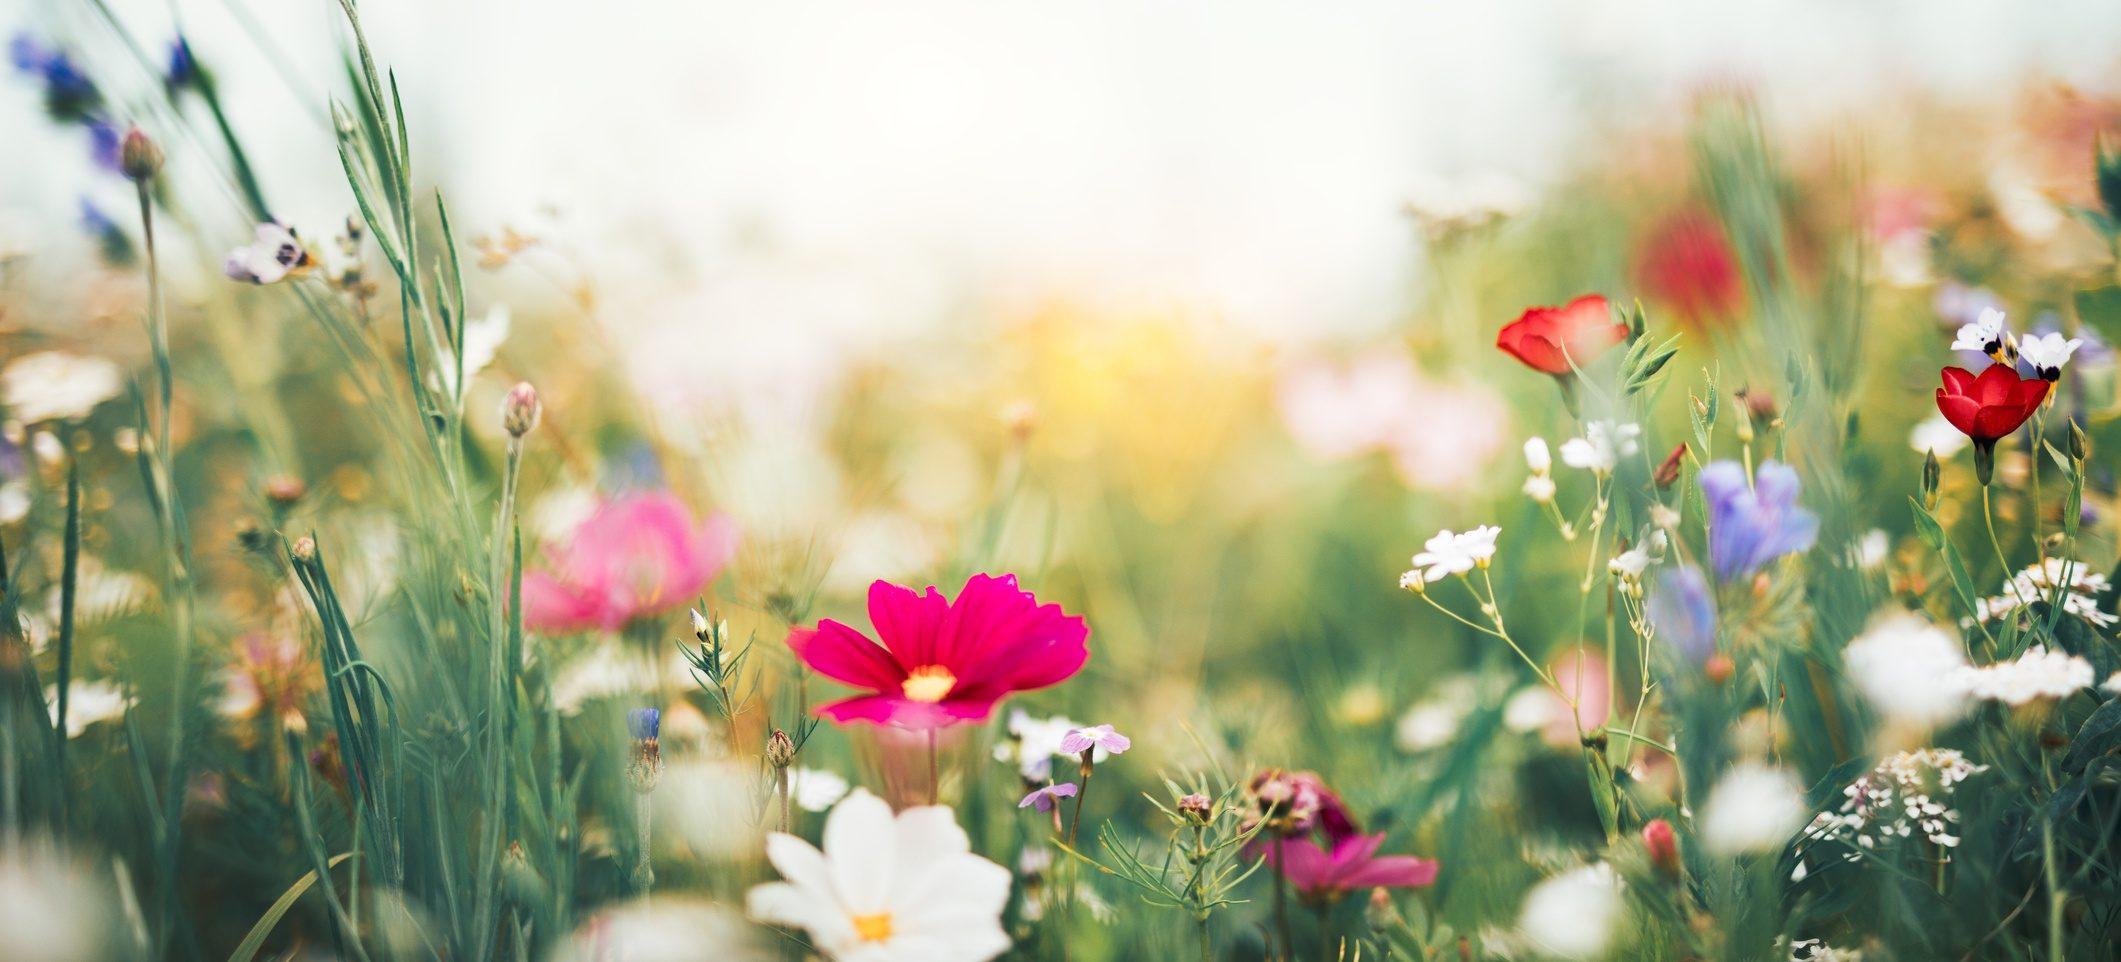 Fiori Da Giardino In Montagna i 10 fiori primaverili che sbocciano quando finisce il